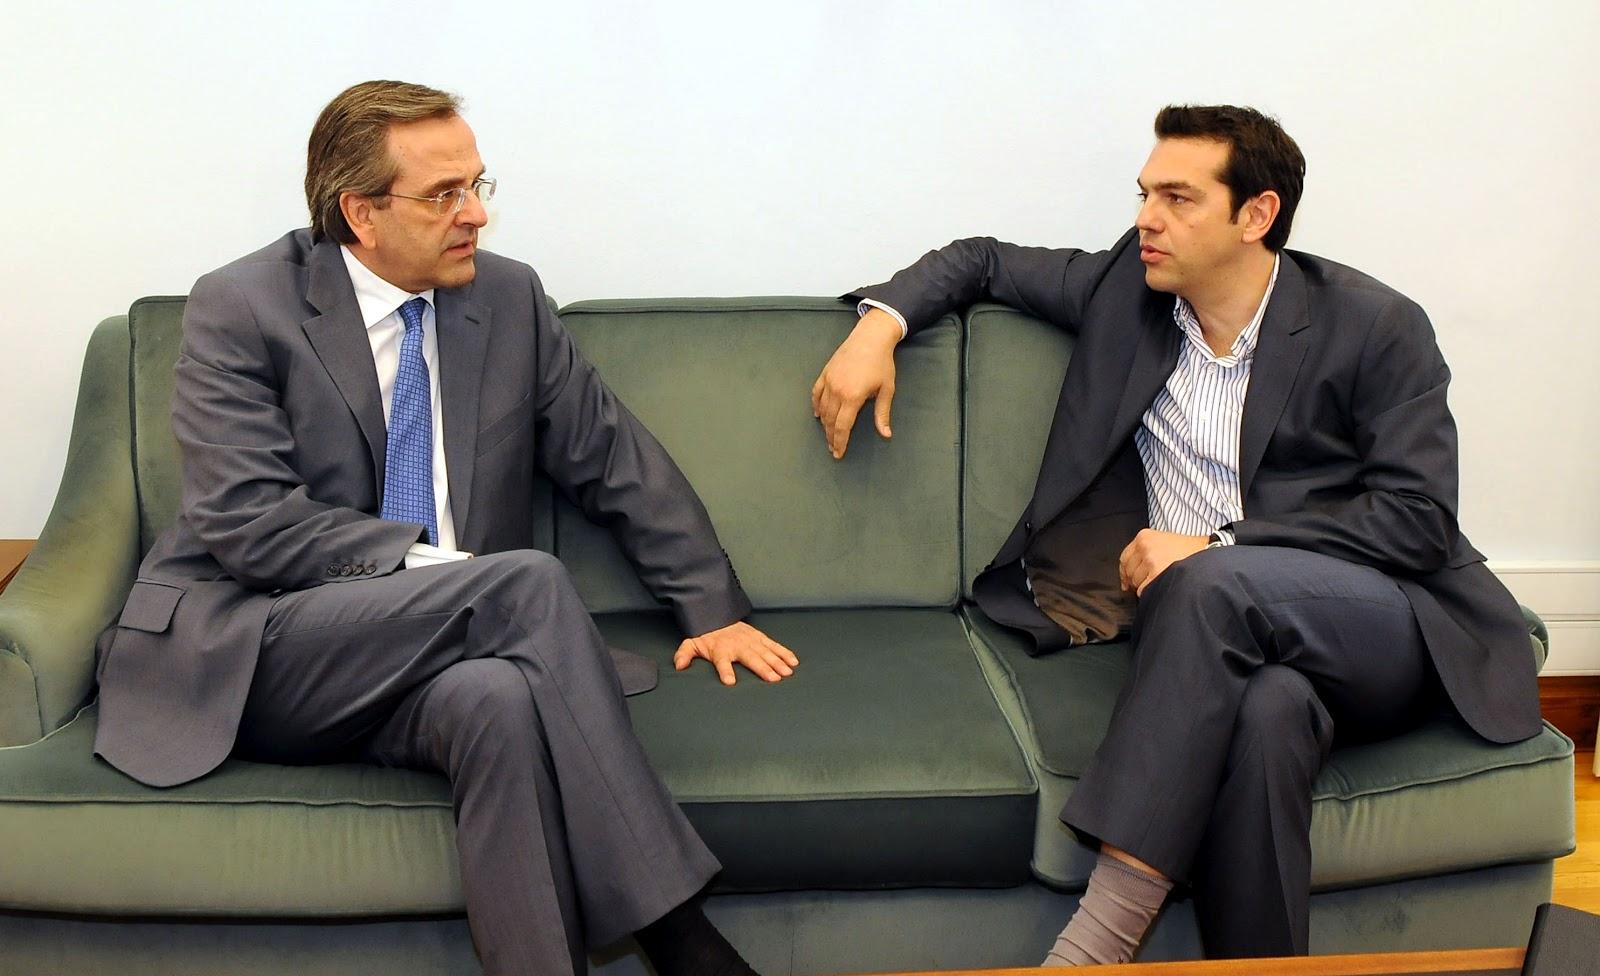 Εκλογές: Ο ΣΥΡΙΖΑ «κλείδωσε» την πρώτη θέση, παίζεται η αυτοδυναμία